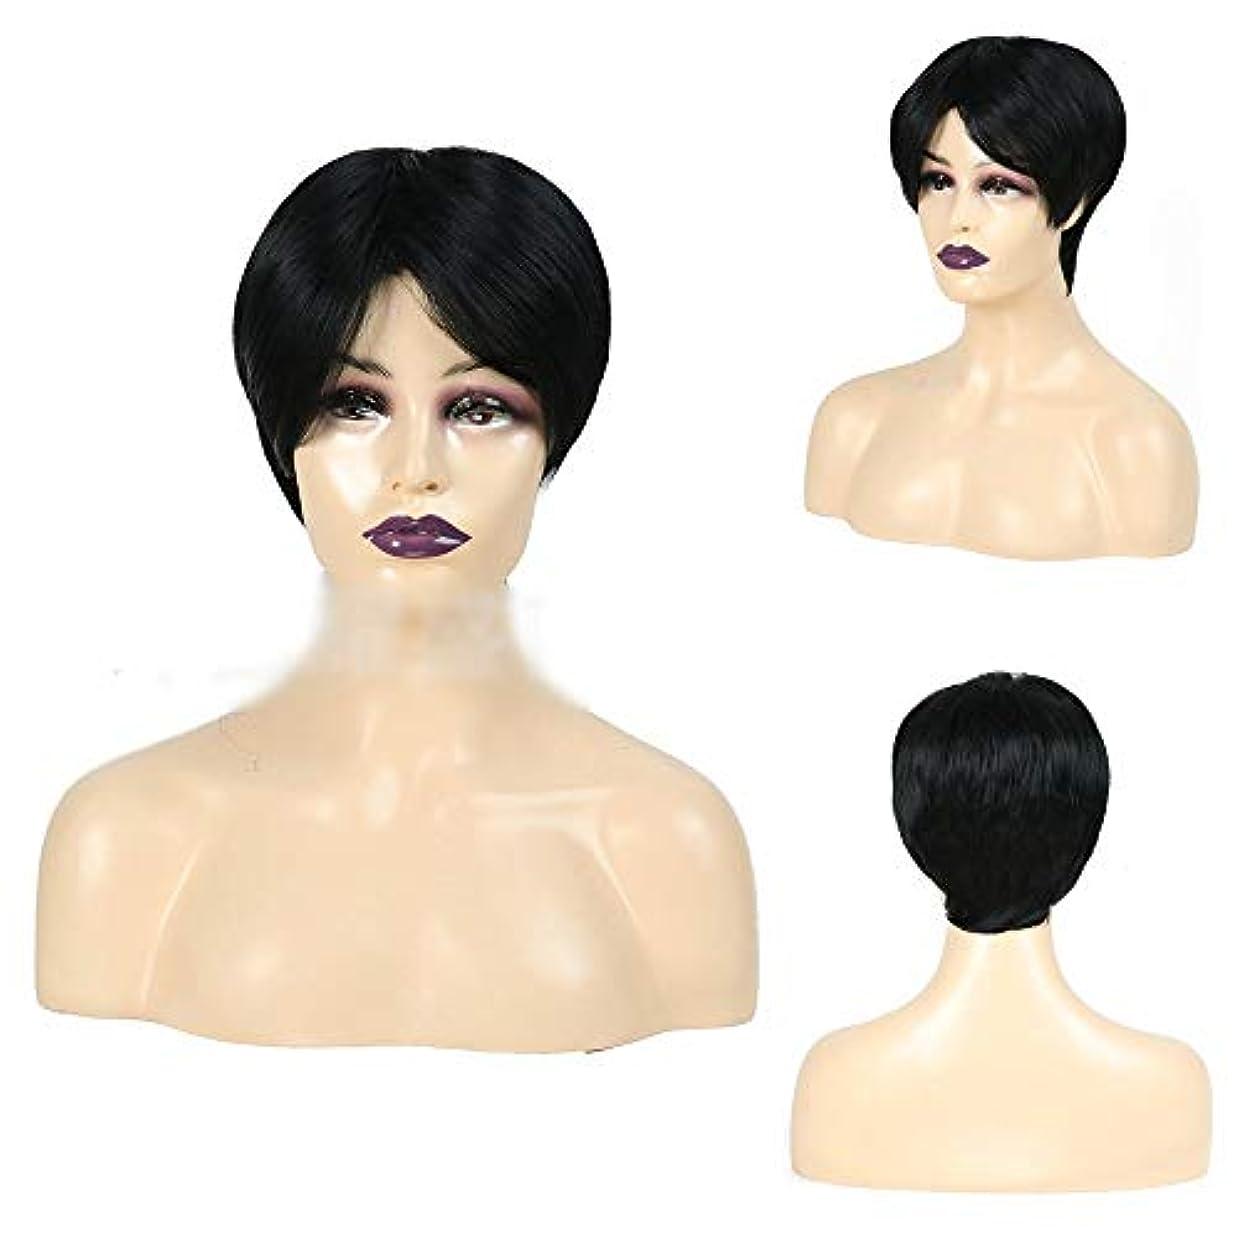 天文学最も早いコマンドYOUQIU 前髪ショートボブヘアウィッグ高品質の合成髪のかつらを持つ女性の毎日の黒髪ボブウィッグ (色 : 黒)